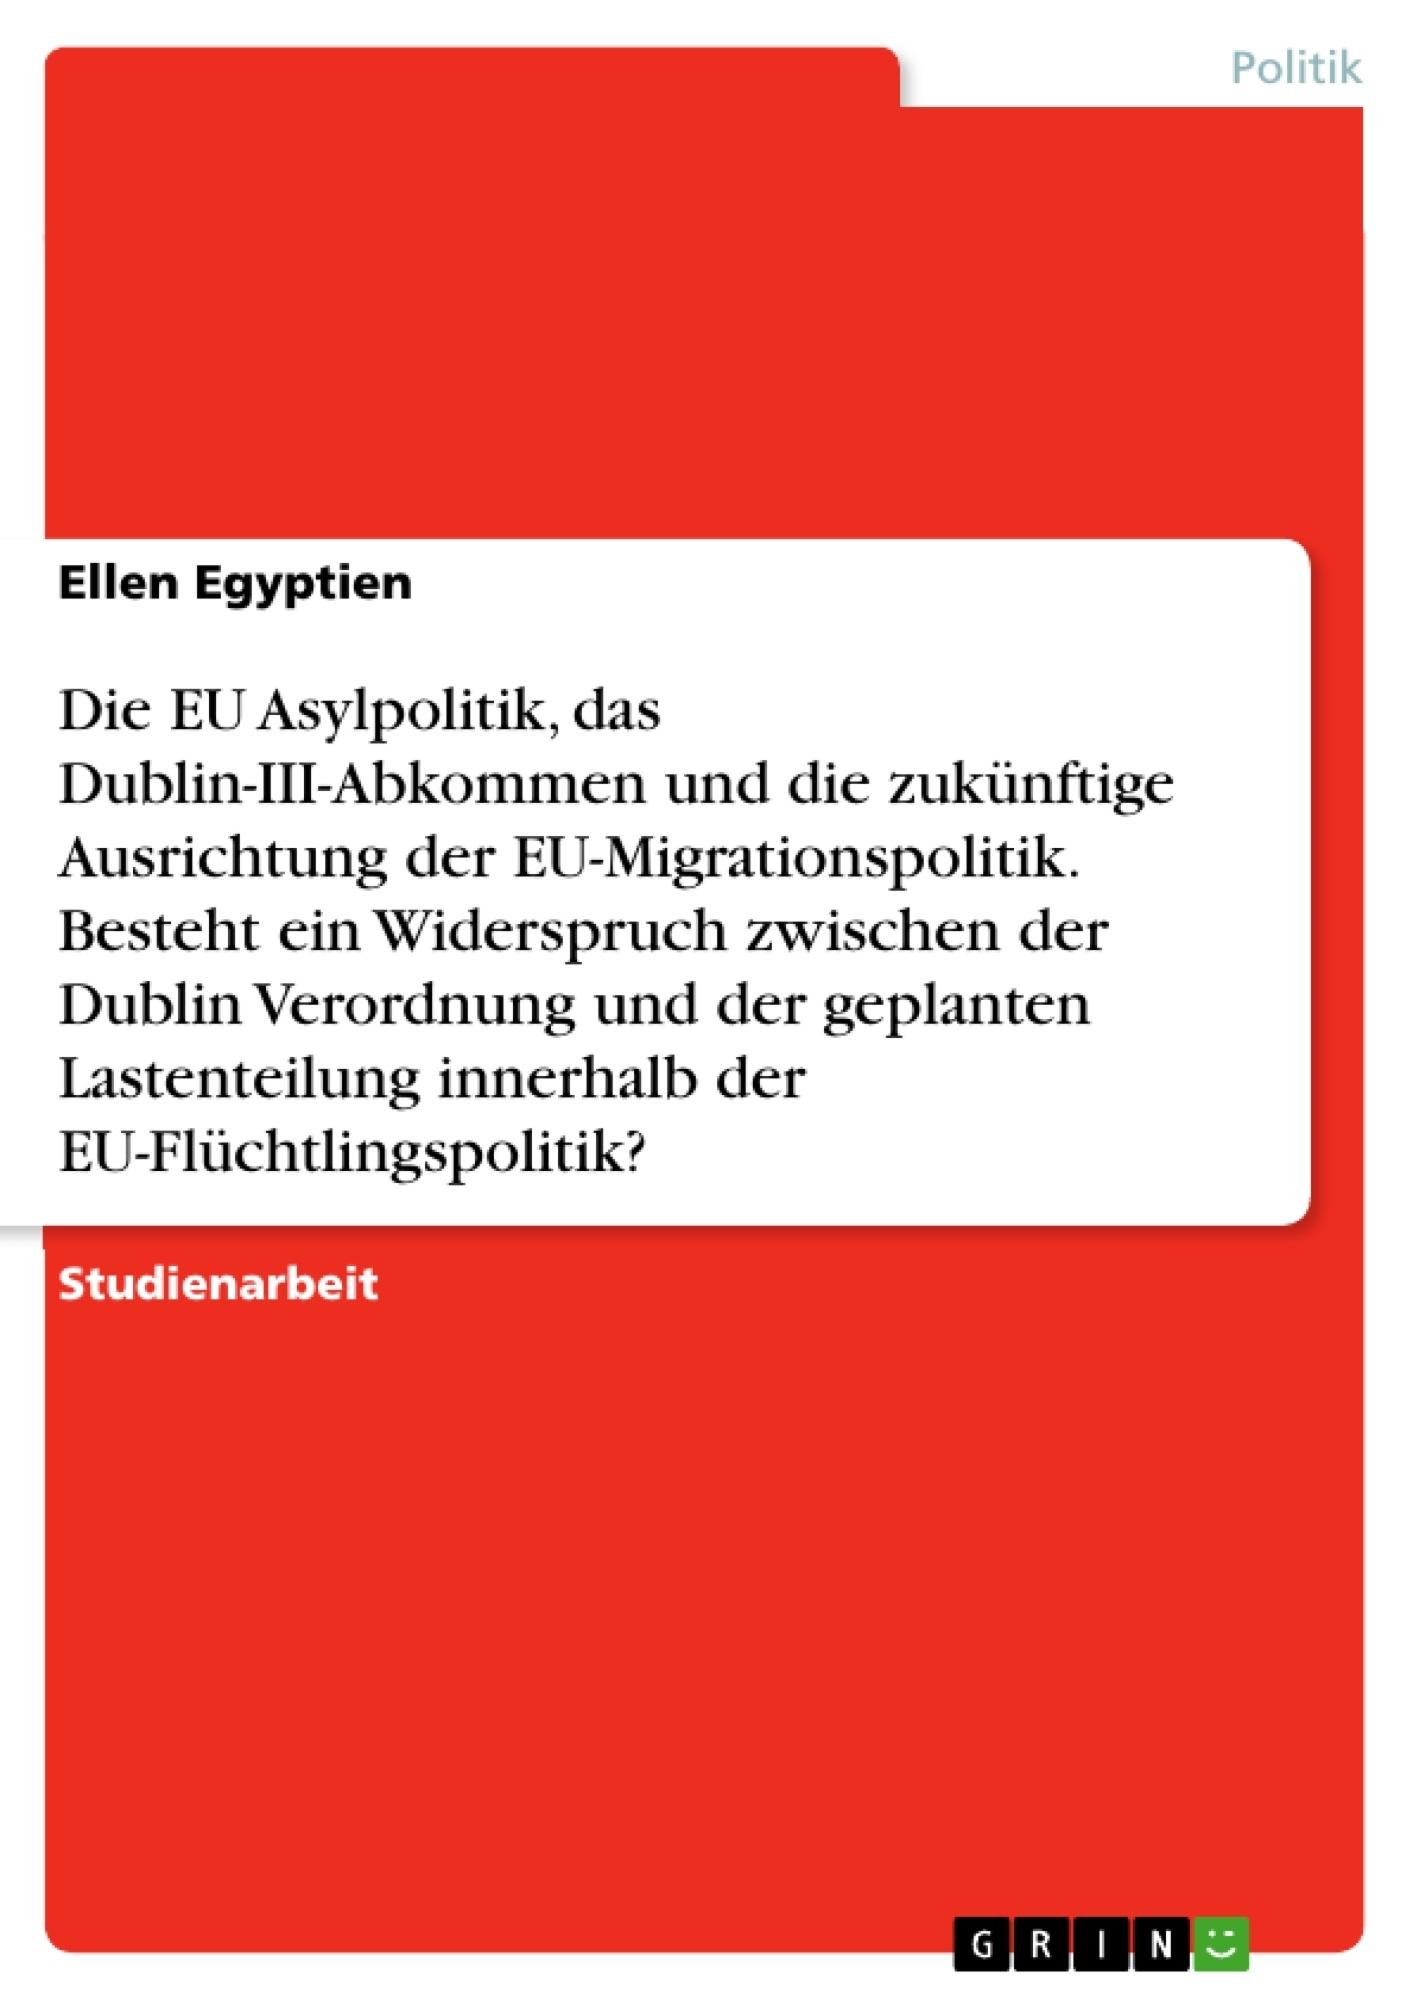 Titel: Die EU Asylpolitik, das Dublin-III-Abkommen und die zukünftige Ausrichtung der EU-Migrationspolitik. Besteht ein Widerspruch zwischen der Dublin Verordnung und der geplanten Lastenteilung innerhalb der EU-Flüchtlingspolitik?